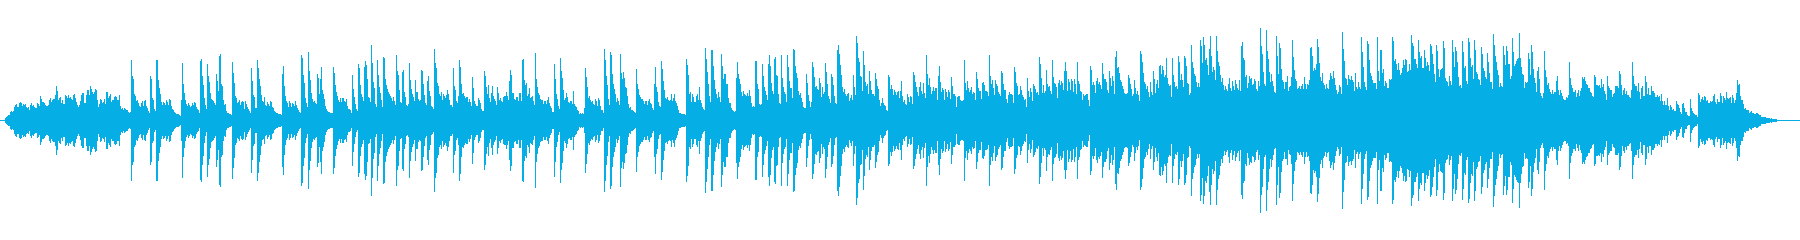 ピアノを使った優しいバラードの再生済みの波形